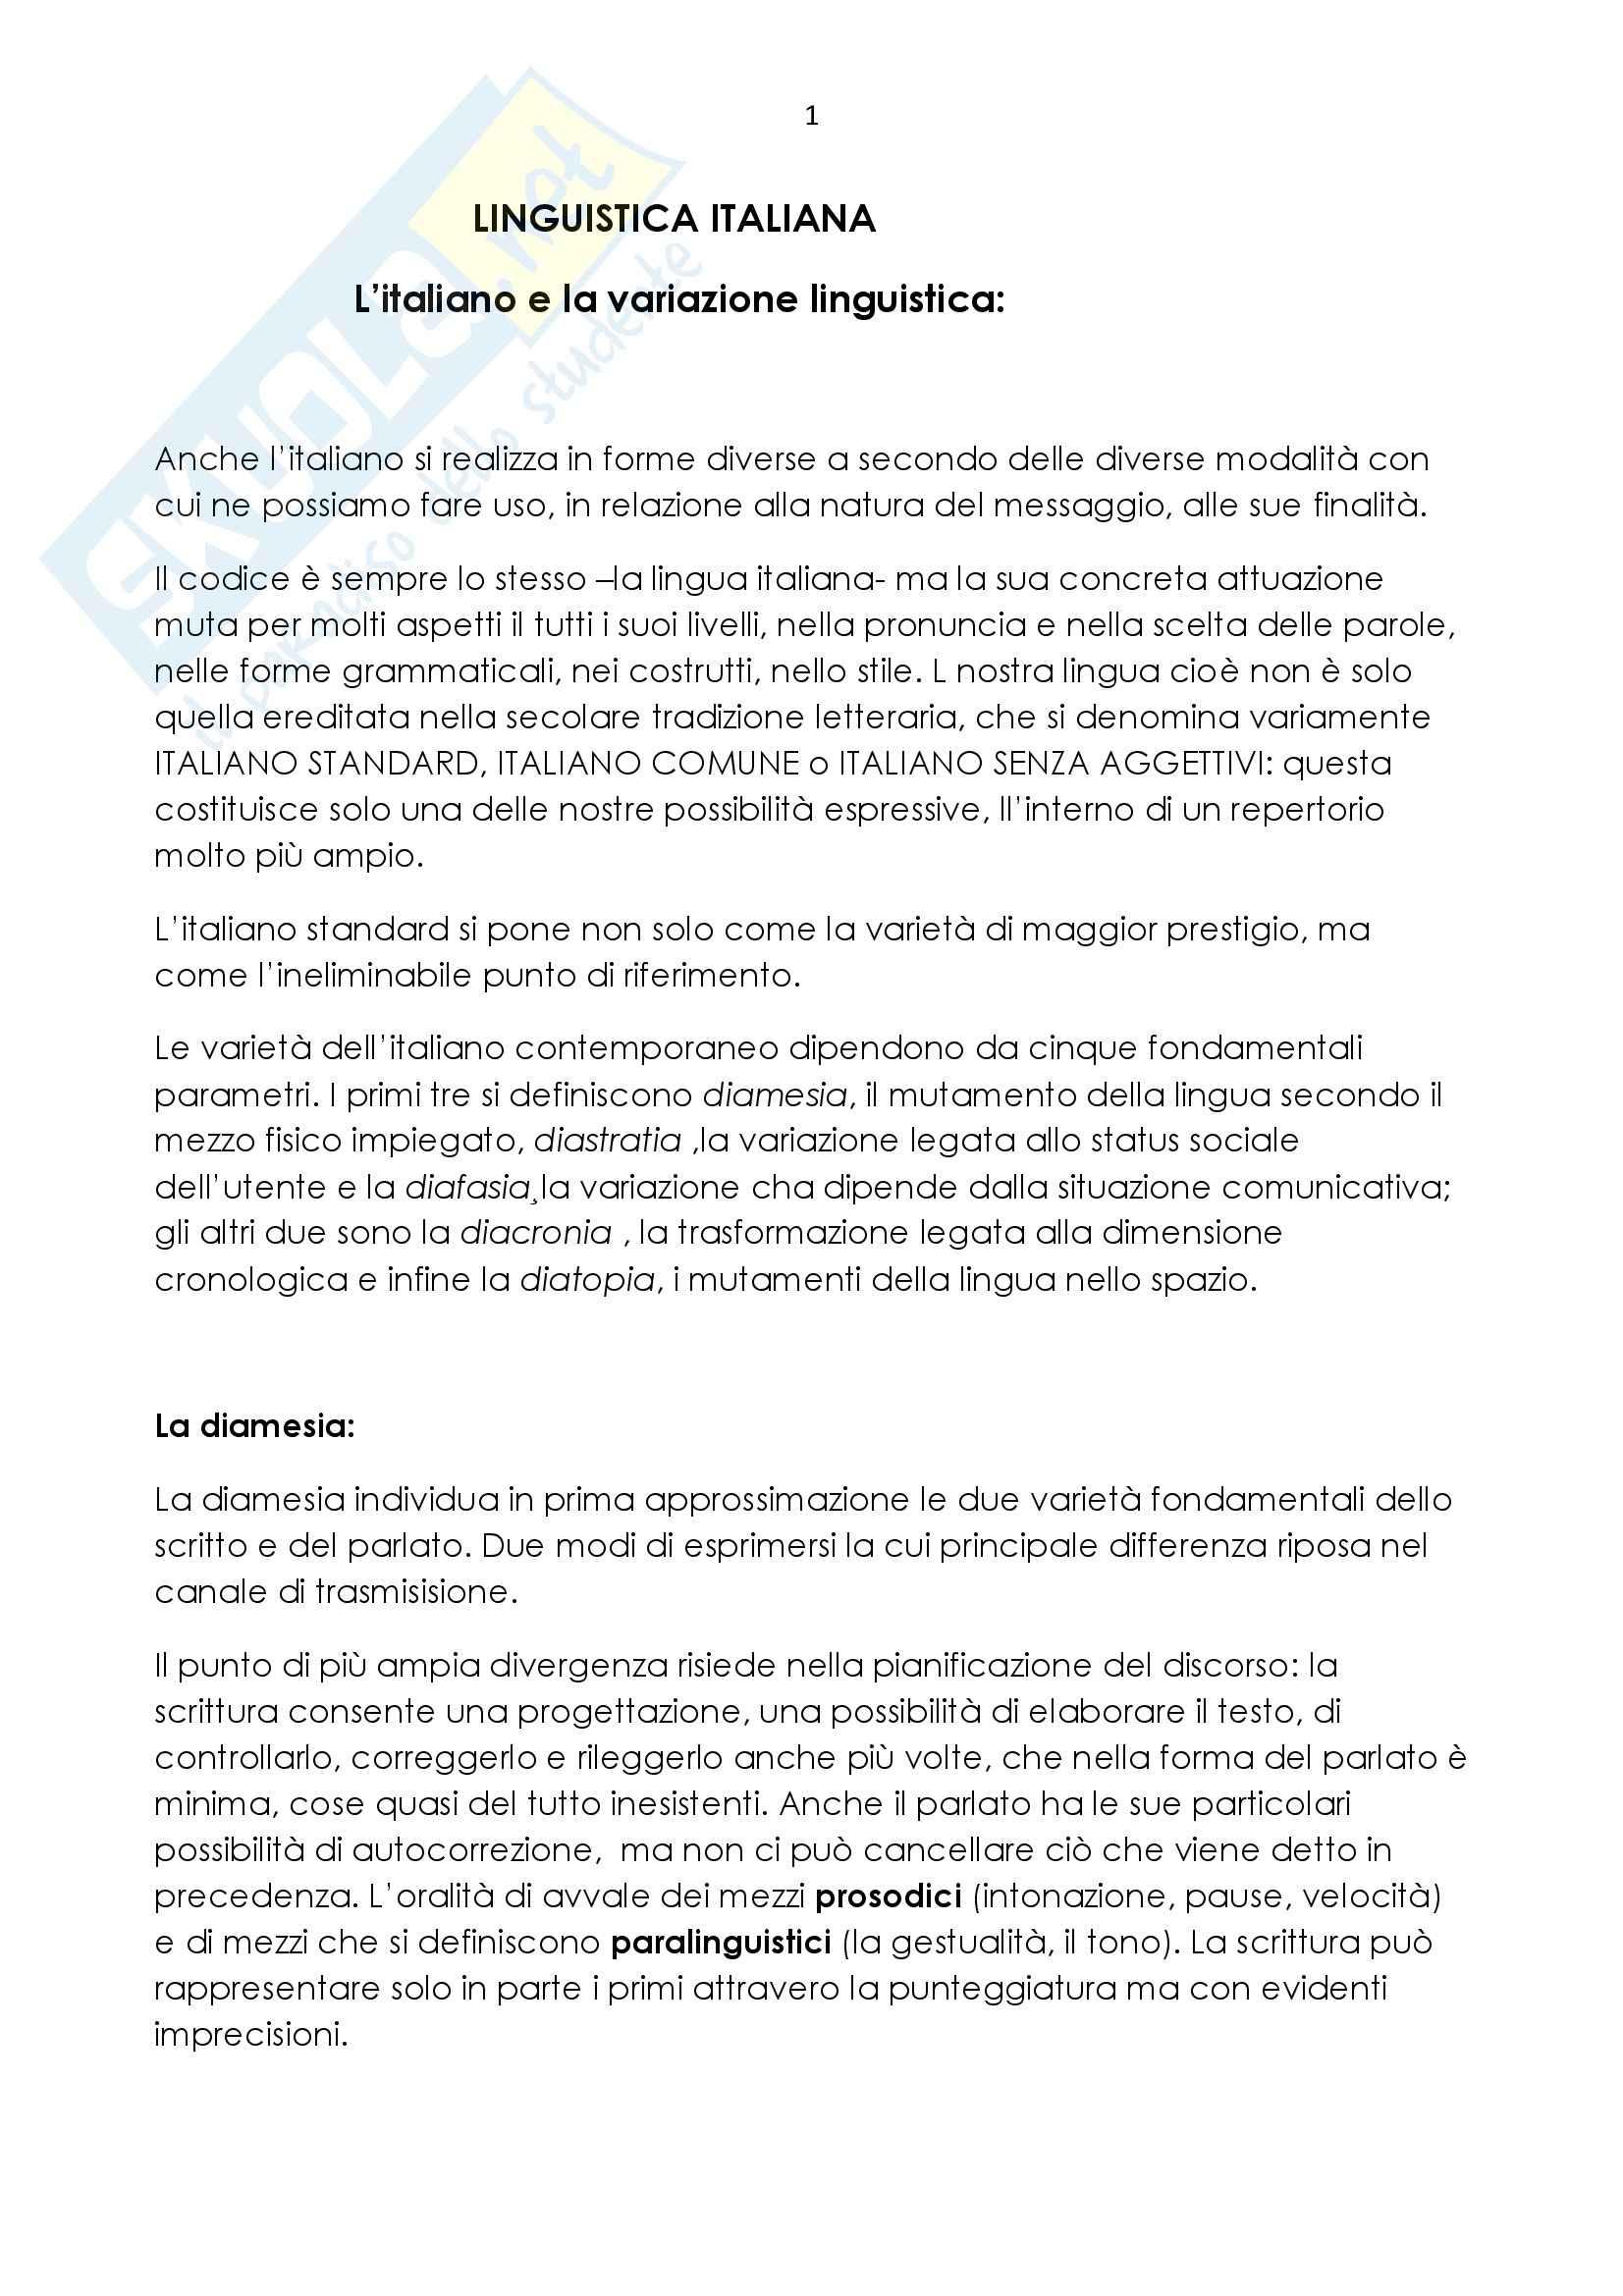 Riassunto esame Linguistica Italiana, prof. Martinelli, libro consigliato Elementi di Linguistica Italiana di Bonomi, Morgana, Masini e Piotti